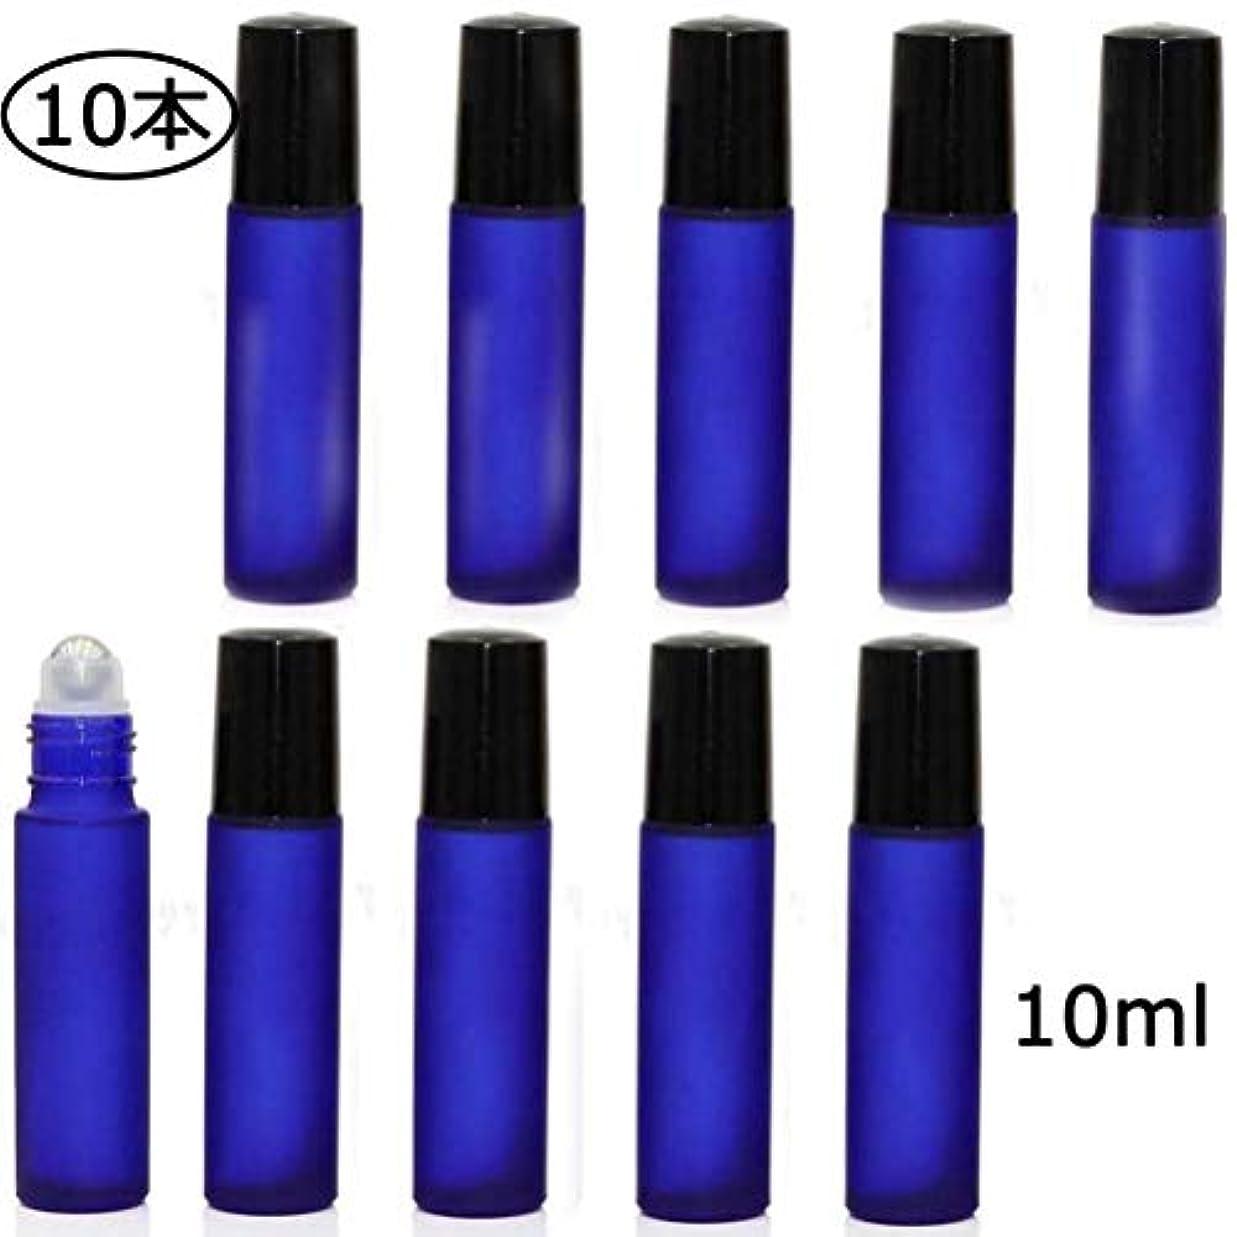 役員ためらうマンモスFlymylion ロールオンボトル アロマオイル 精油 小分け用 遮光瓶 10ml 10本セット ガラスロールタイプ (ブルー)